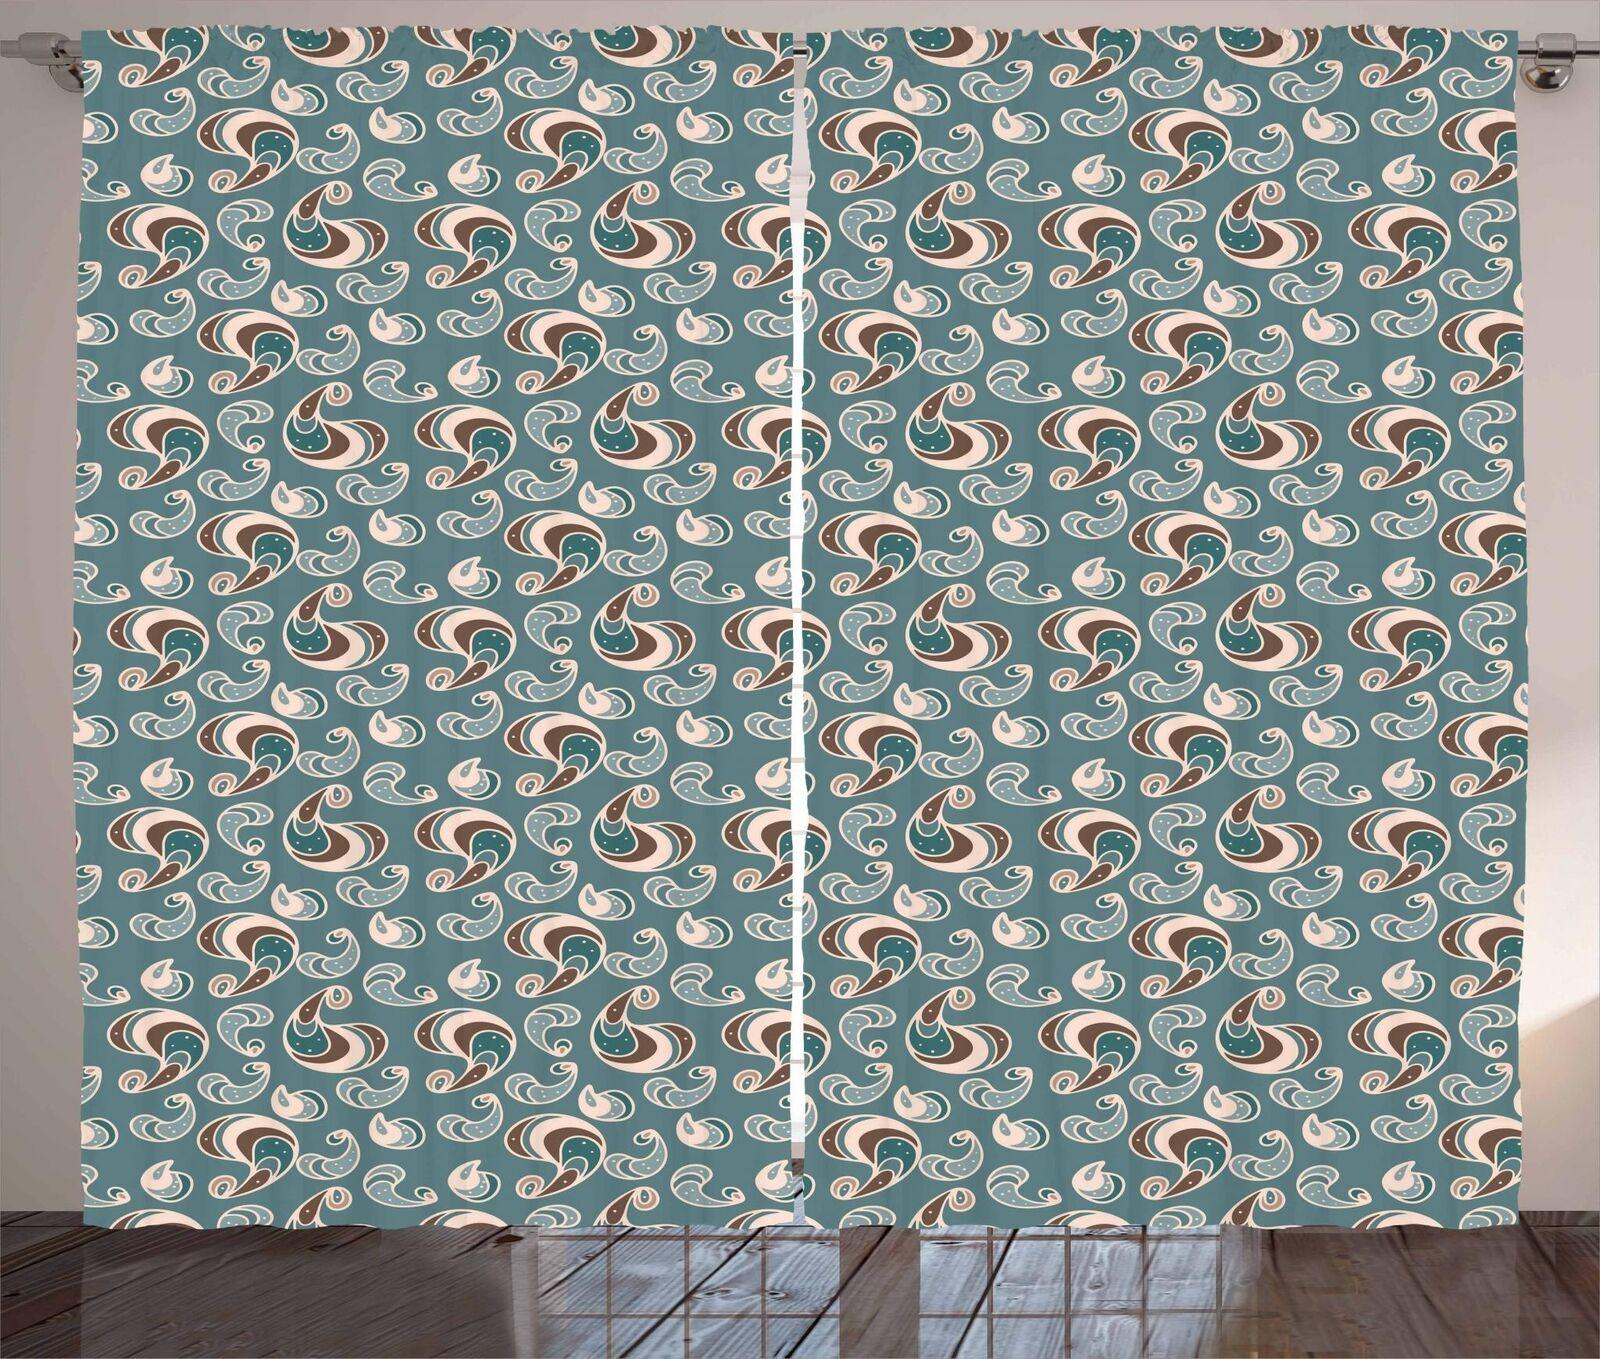 Cortinas Marrón Y Azul 2 Panel Set para Decoración 5 Tamaños Disponibles Ventana Cortinas